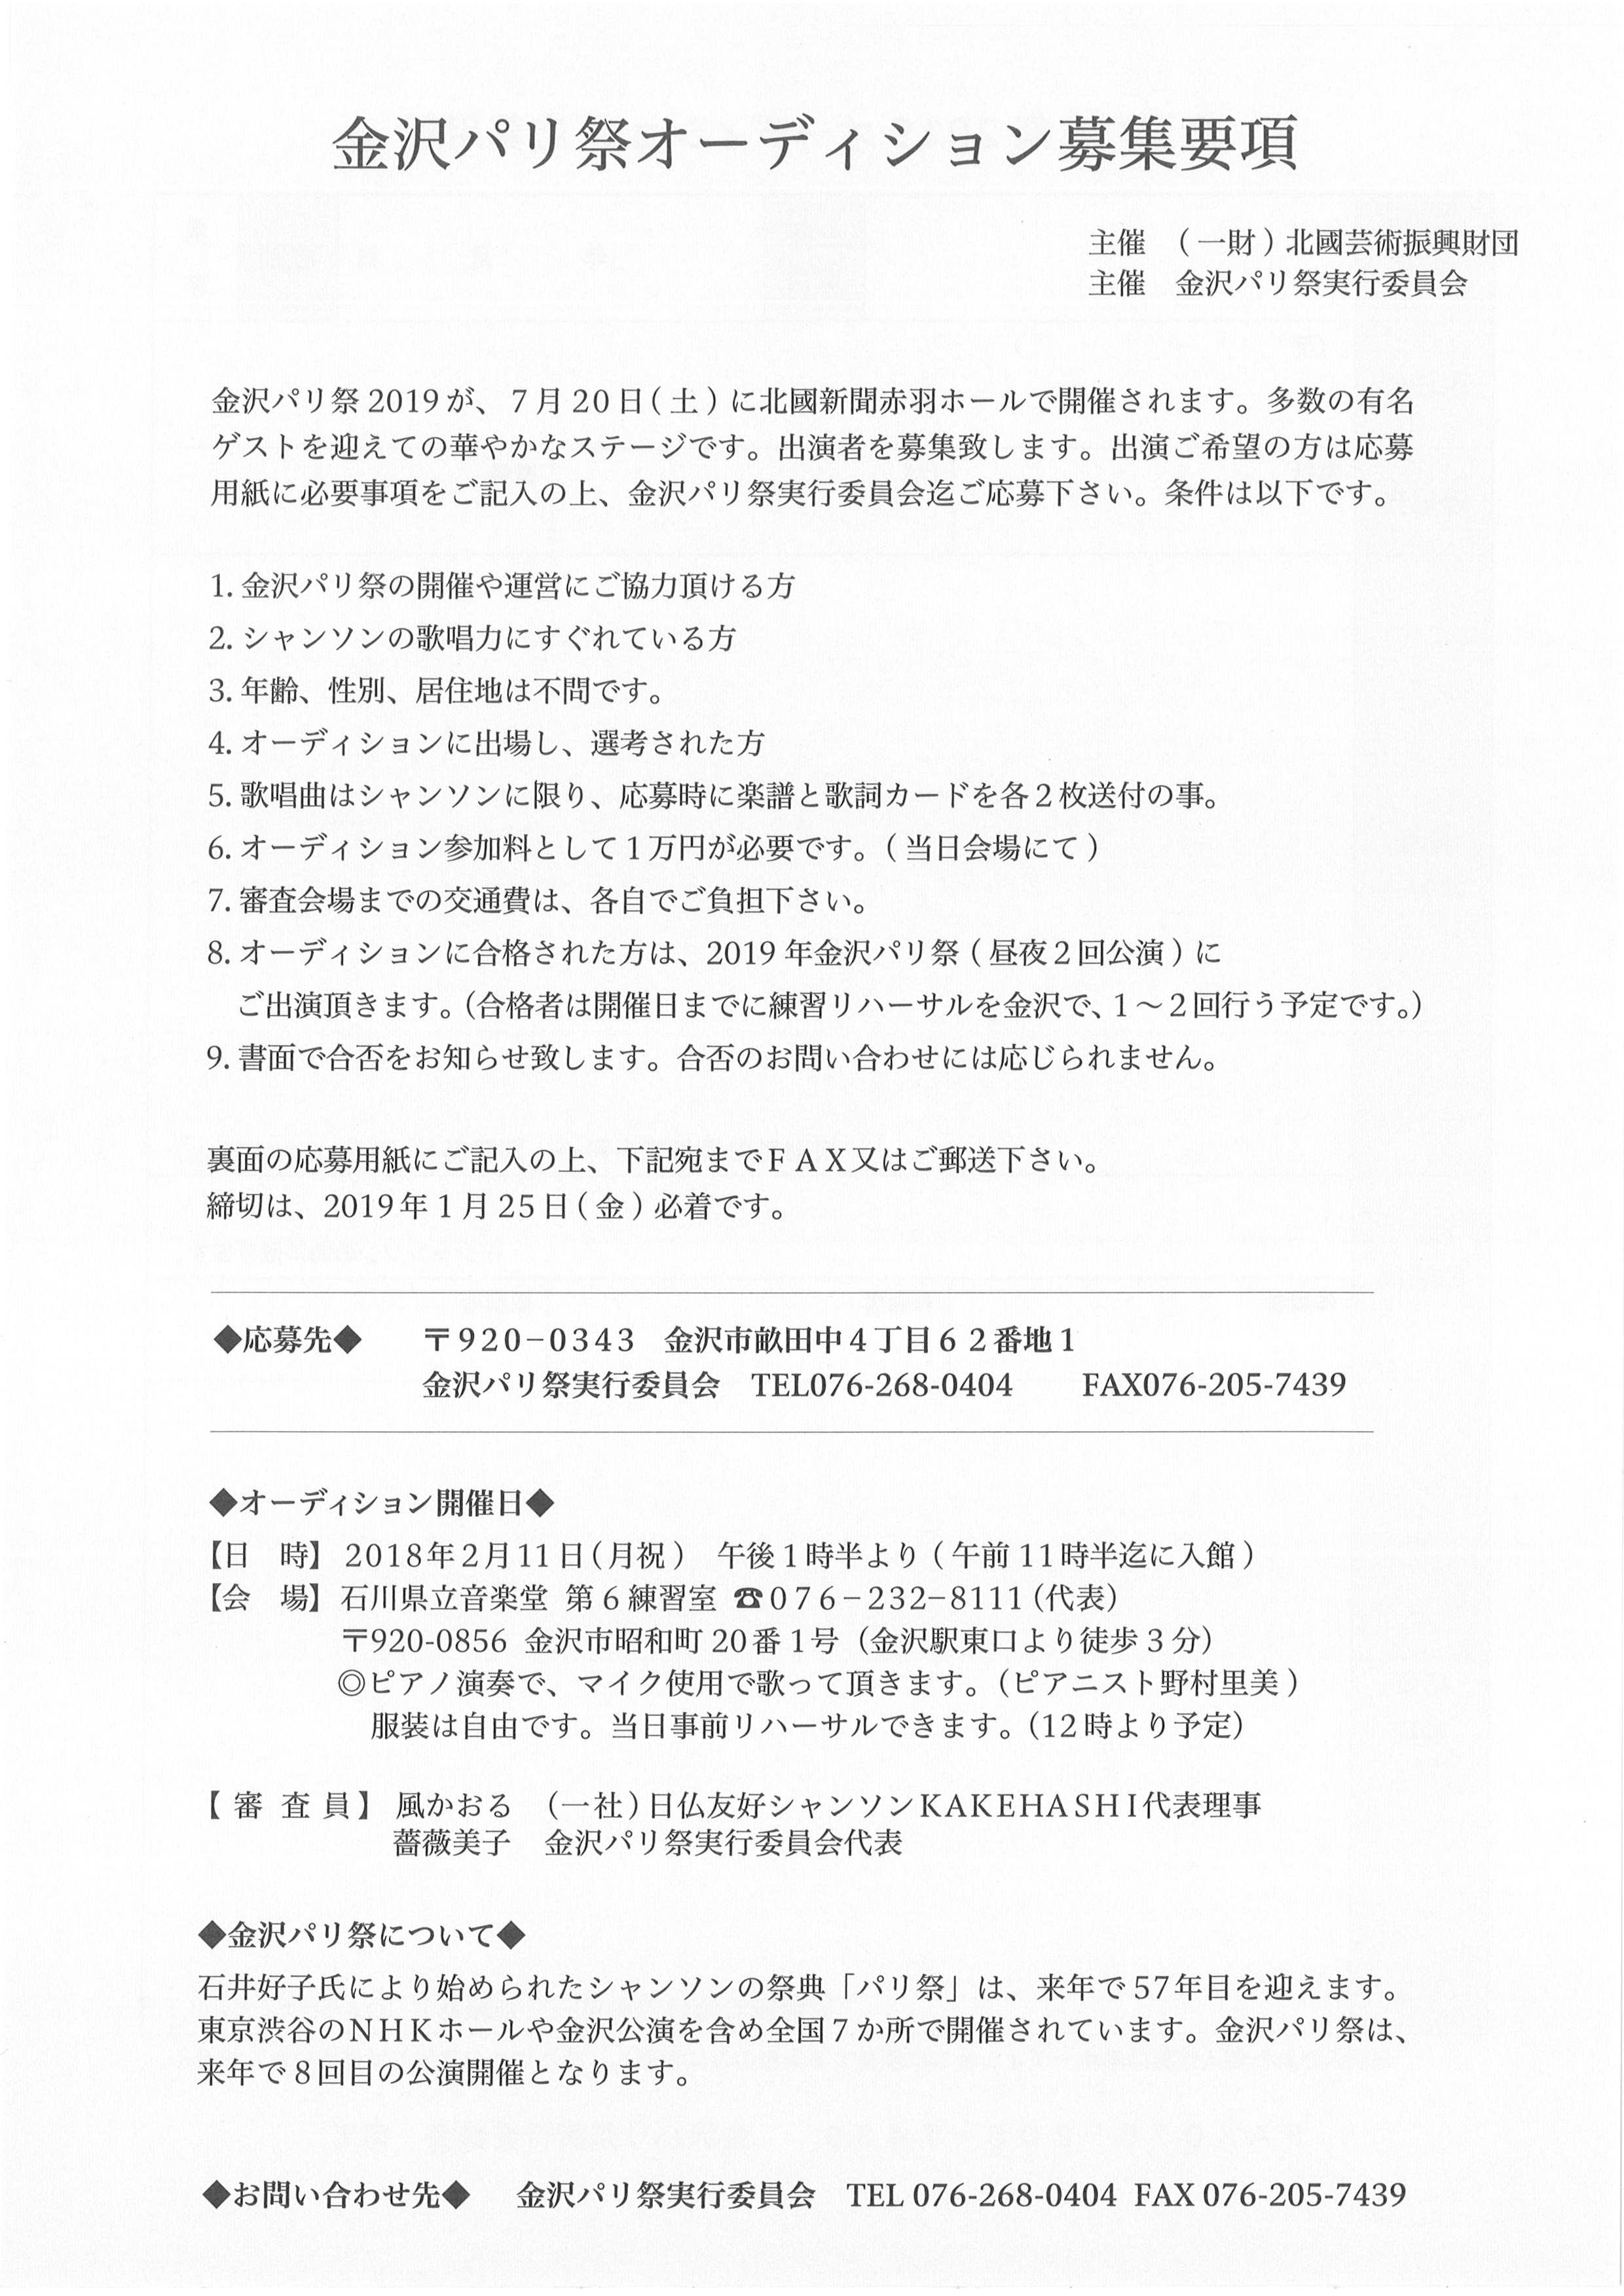 金沢パリ祭 オーディション募集01.jpg